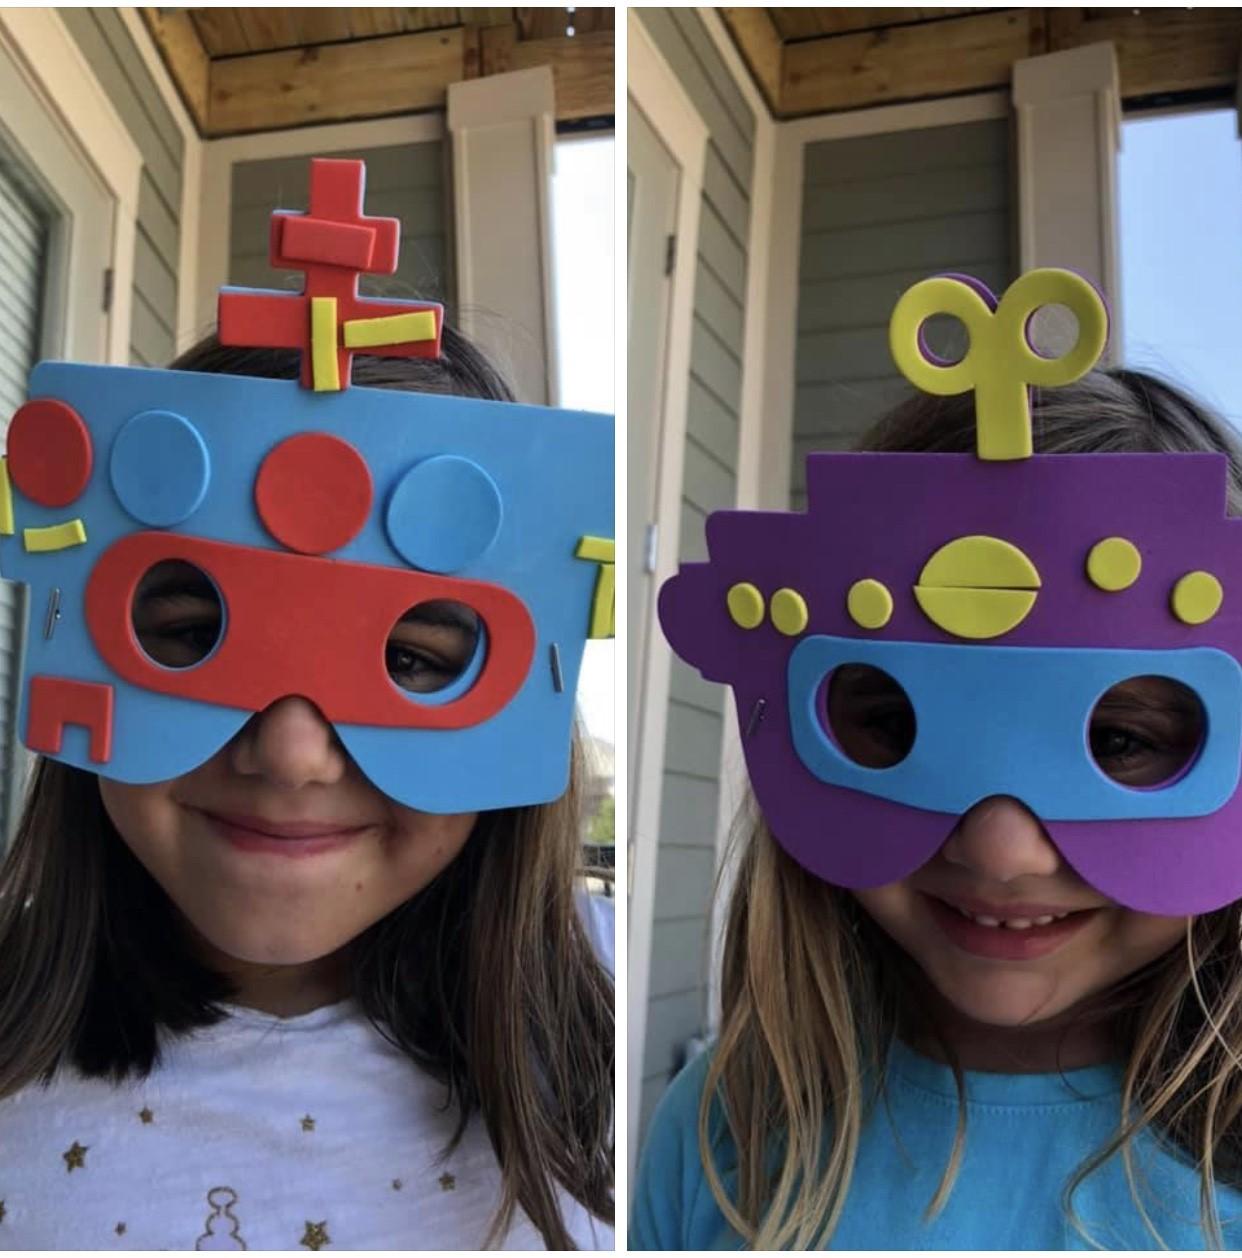 Girls Wearing Robot Masks